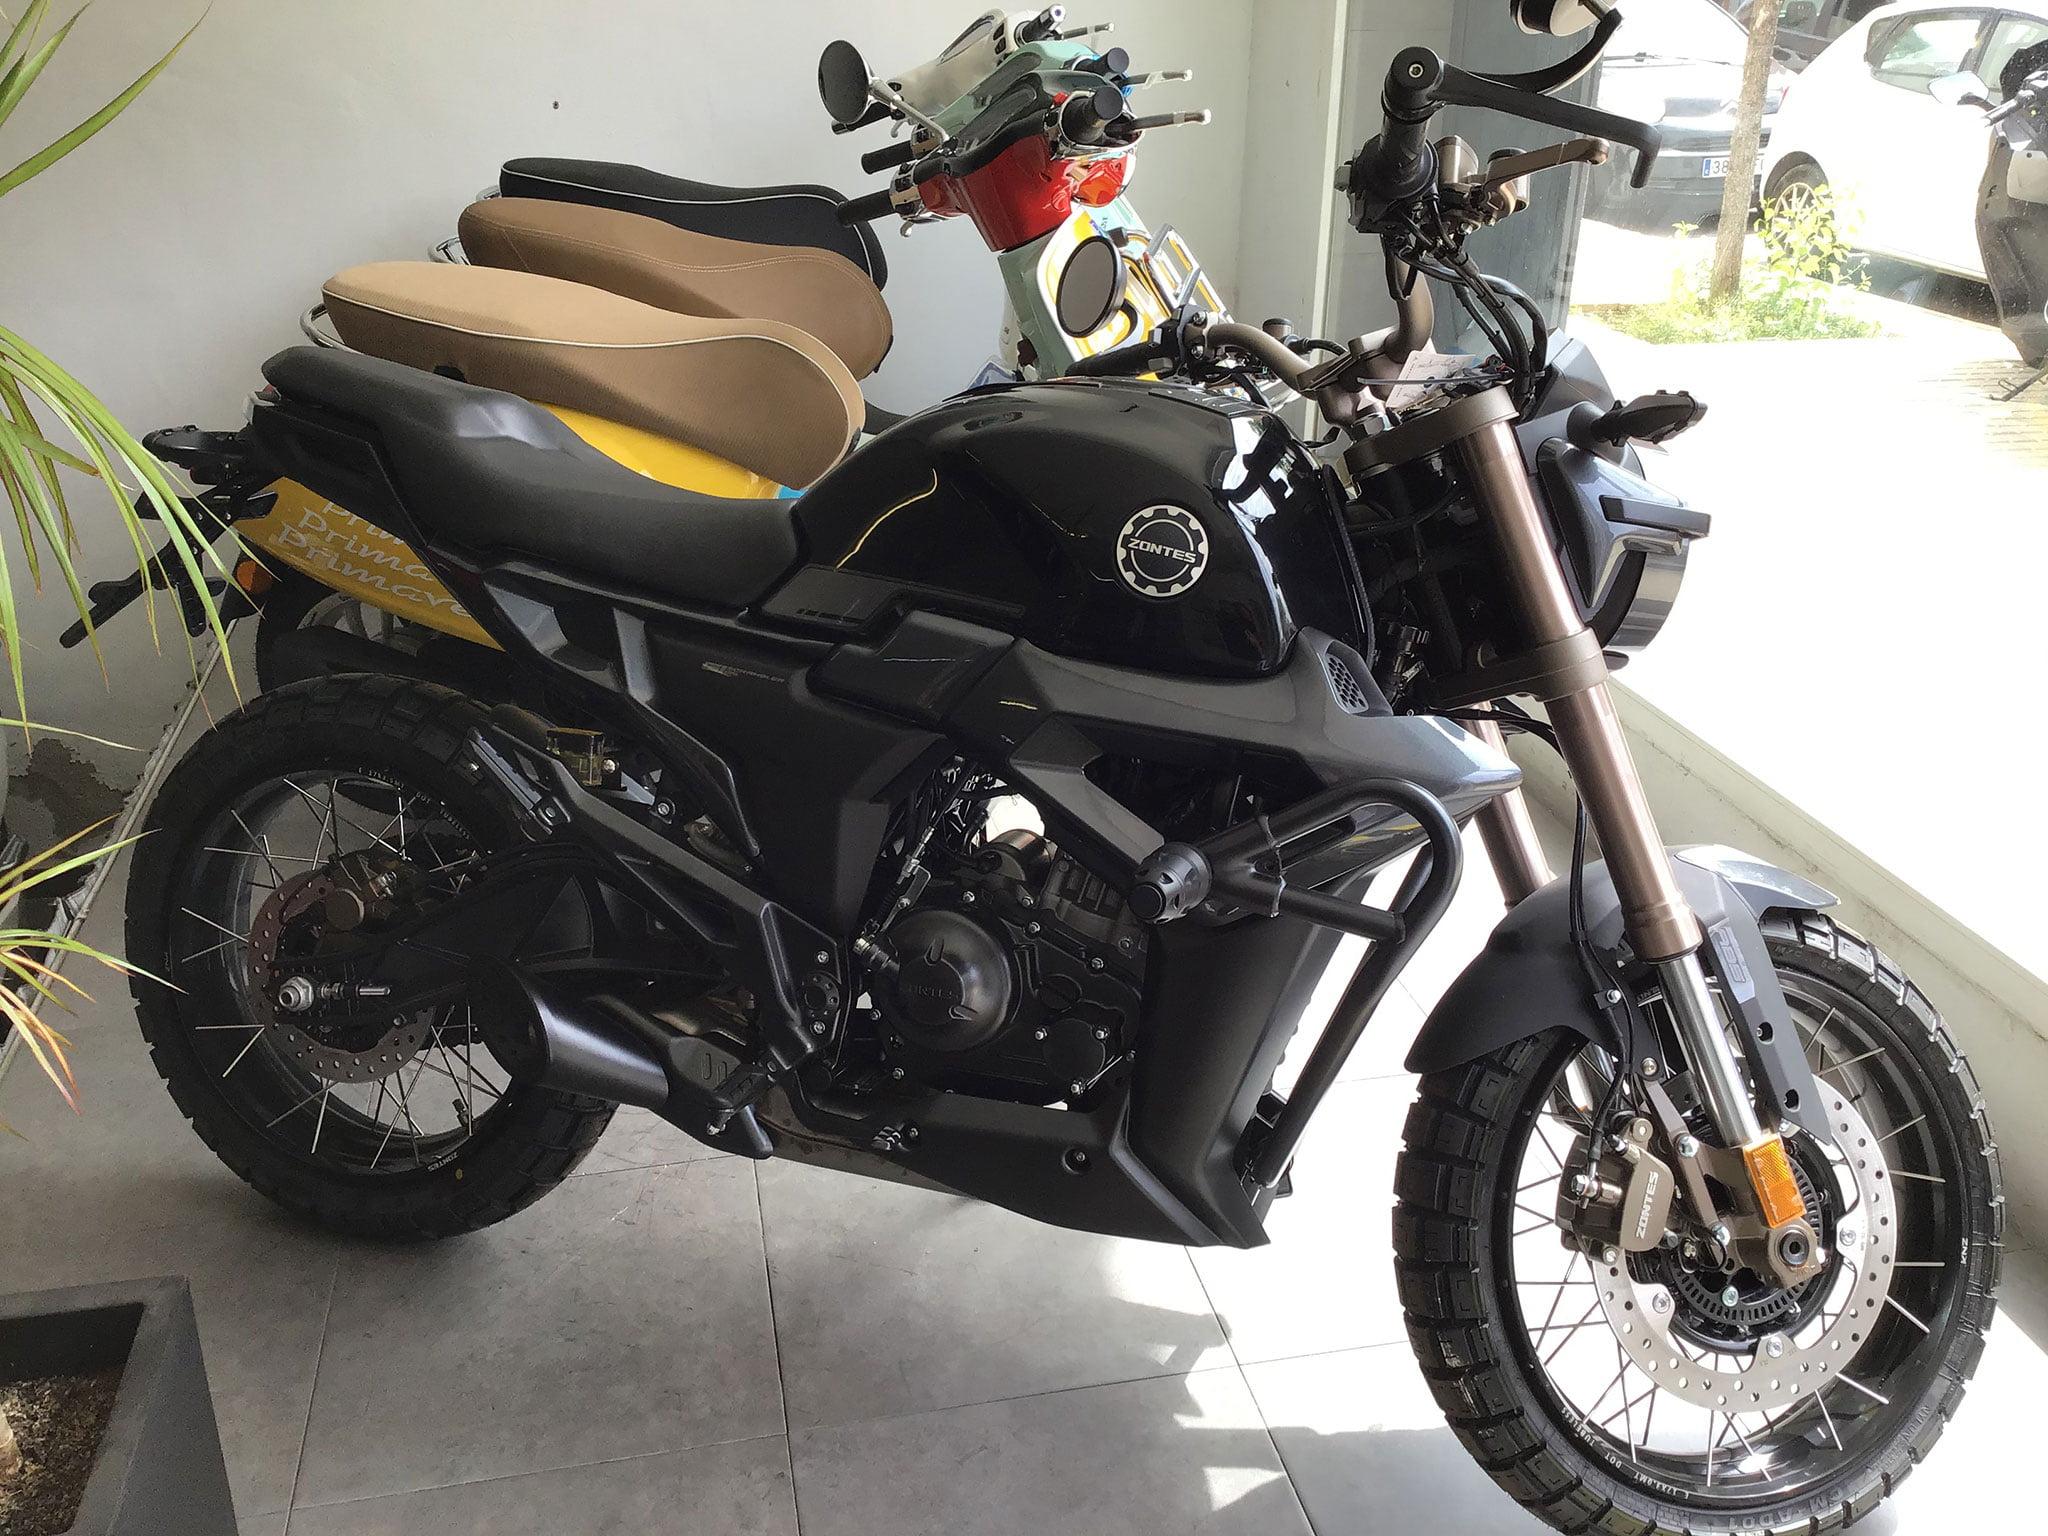 Motos en Dénia – Paco's Motor